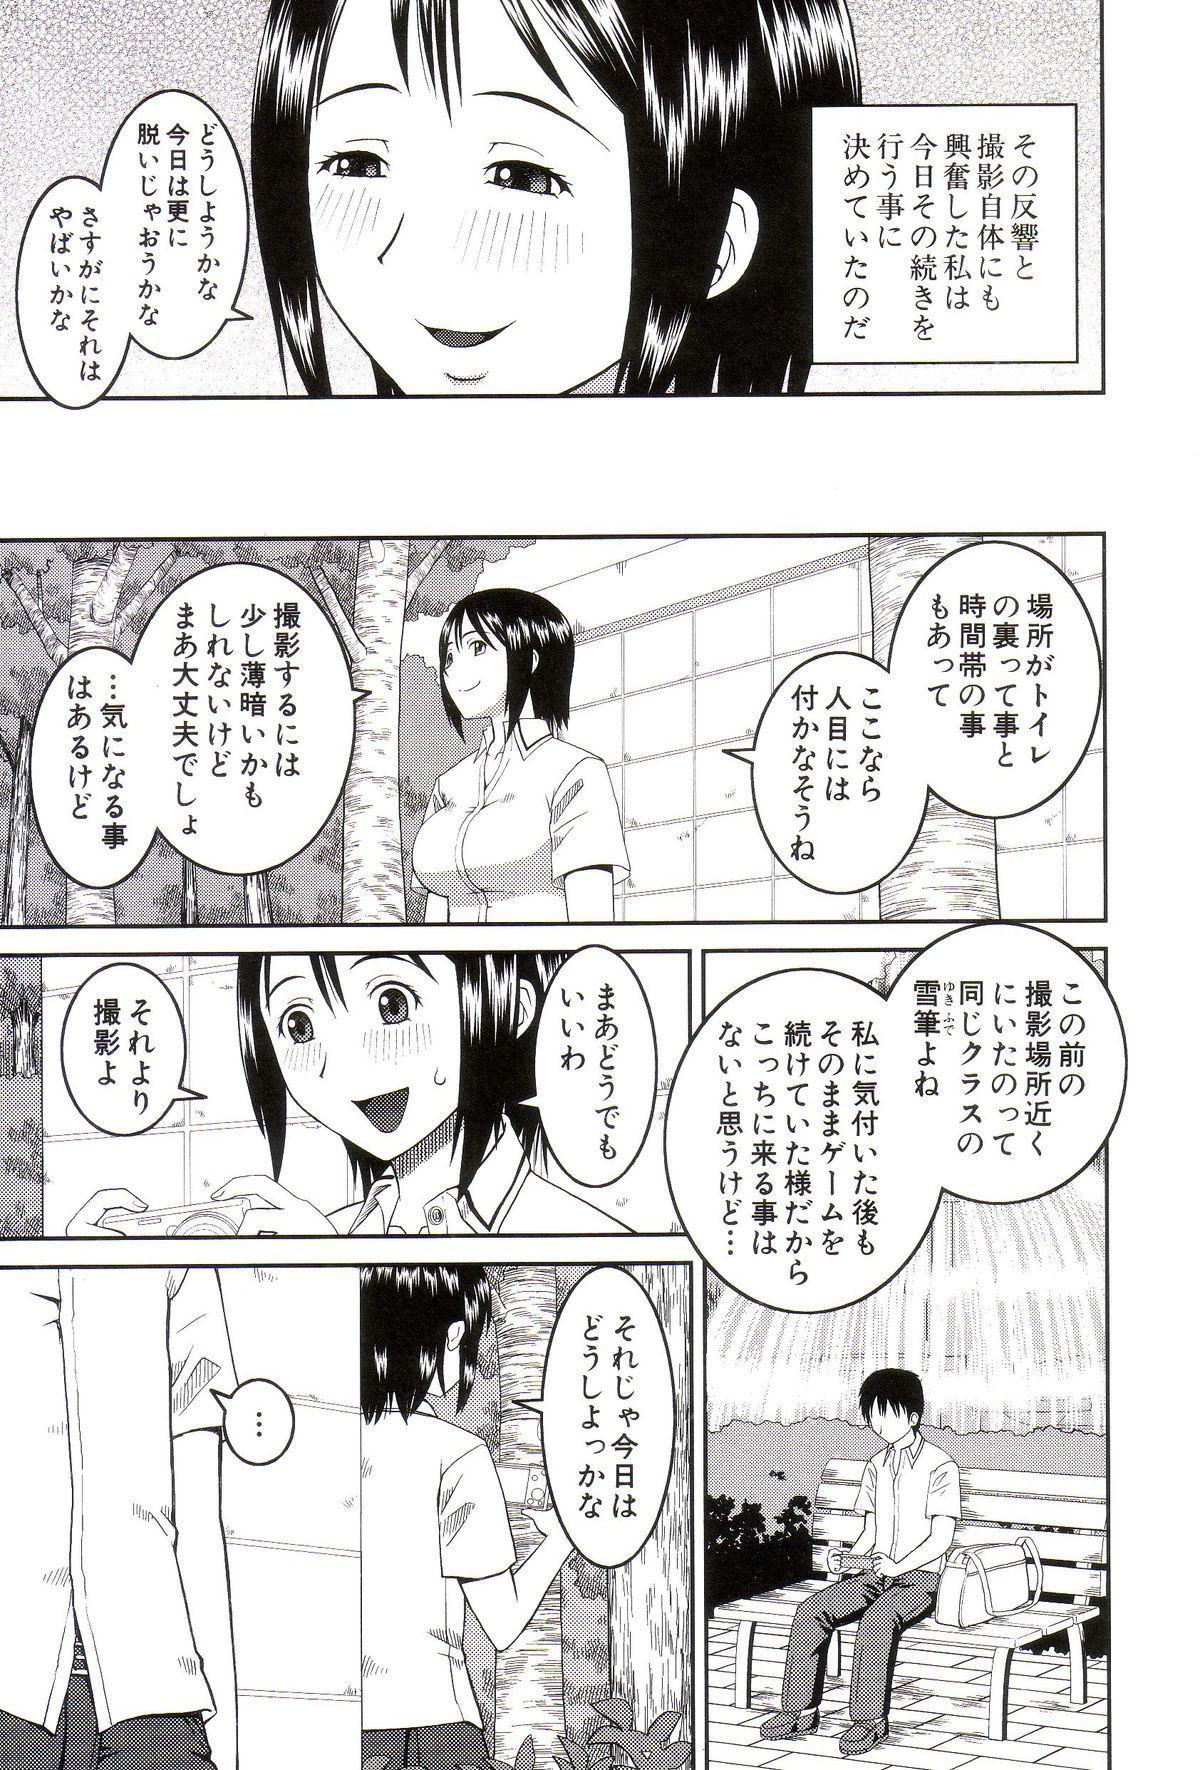 Roshutsukyou Hentai Hakusho 163